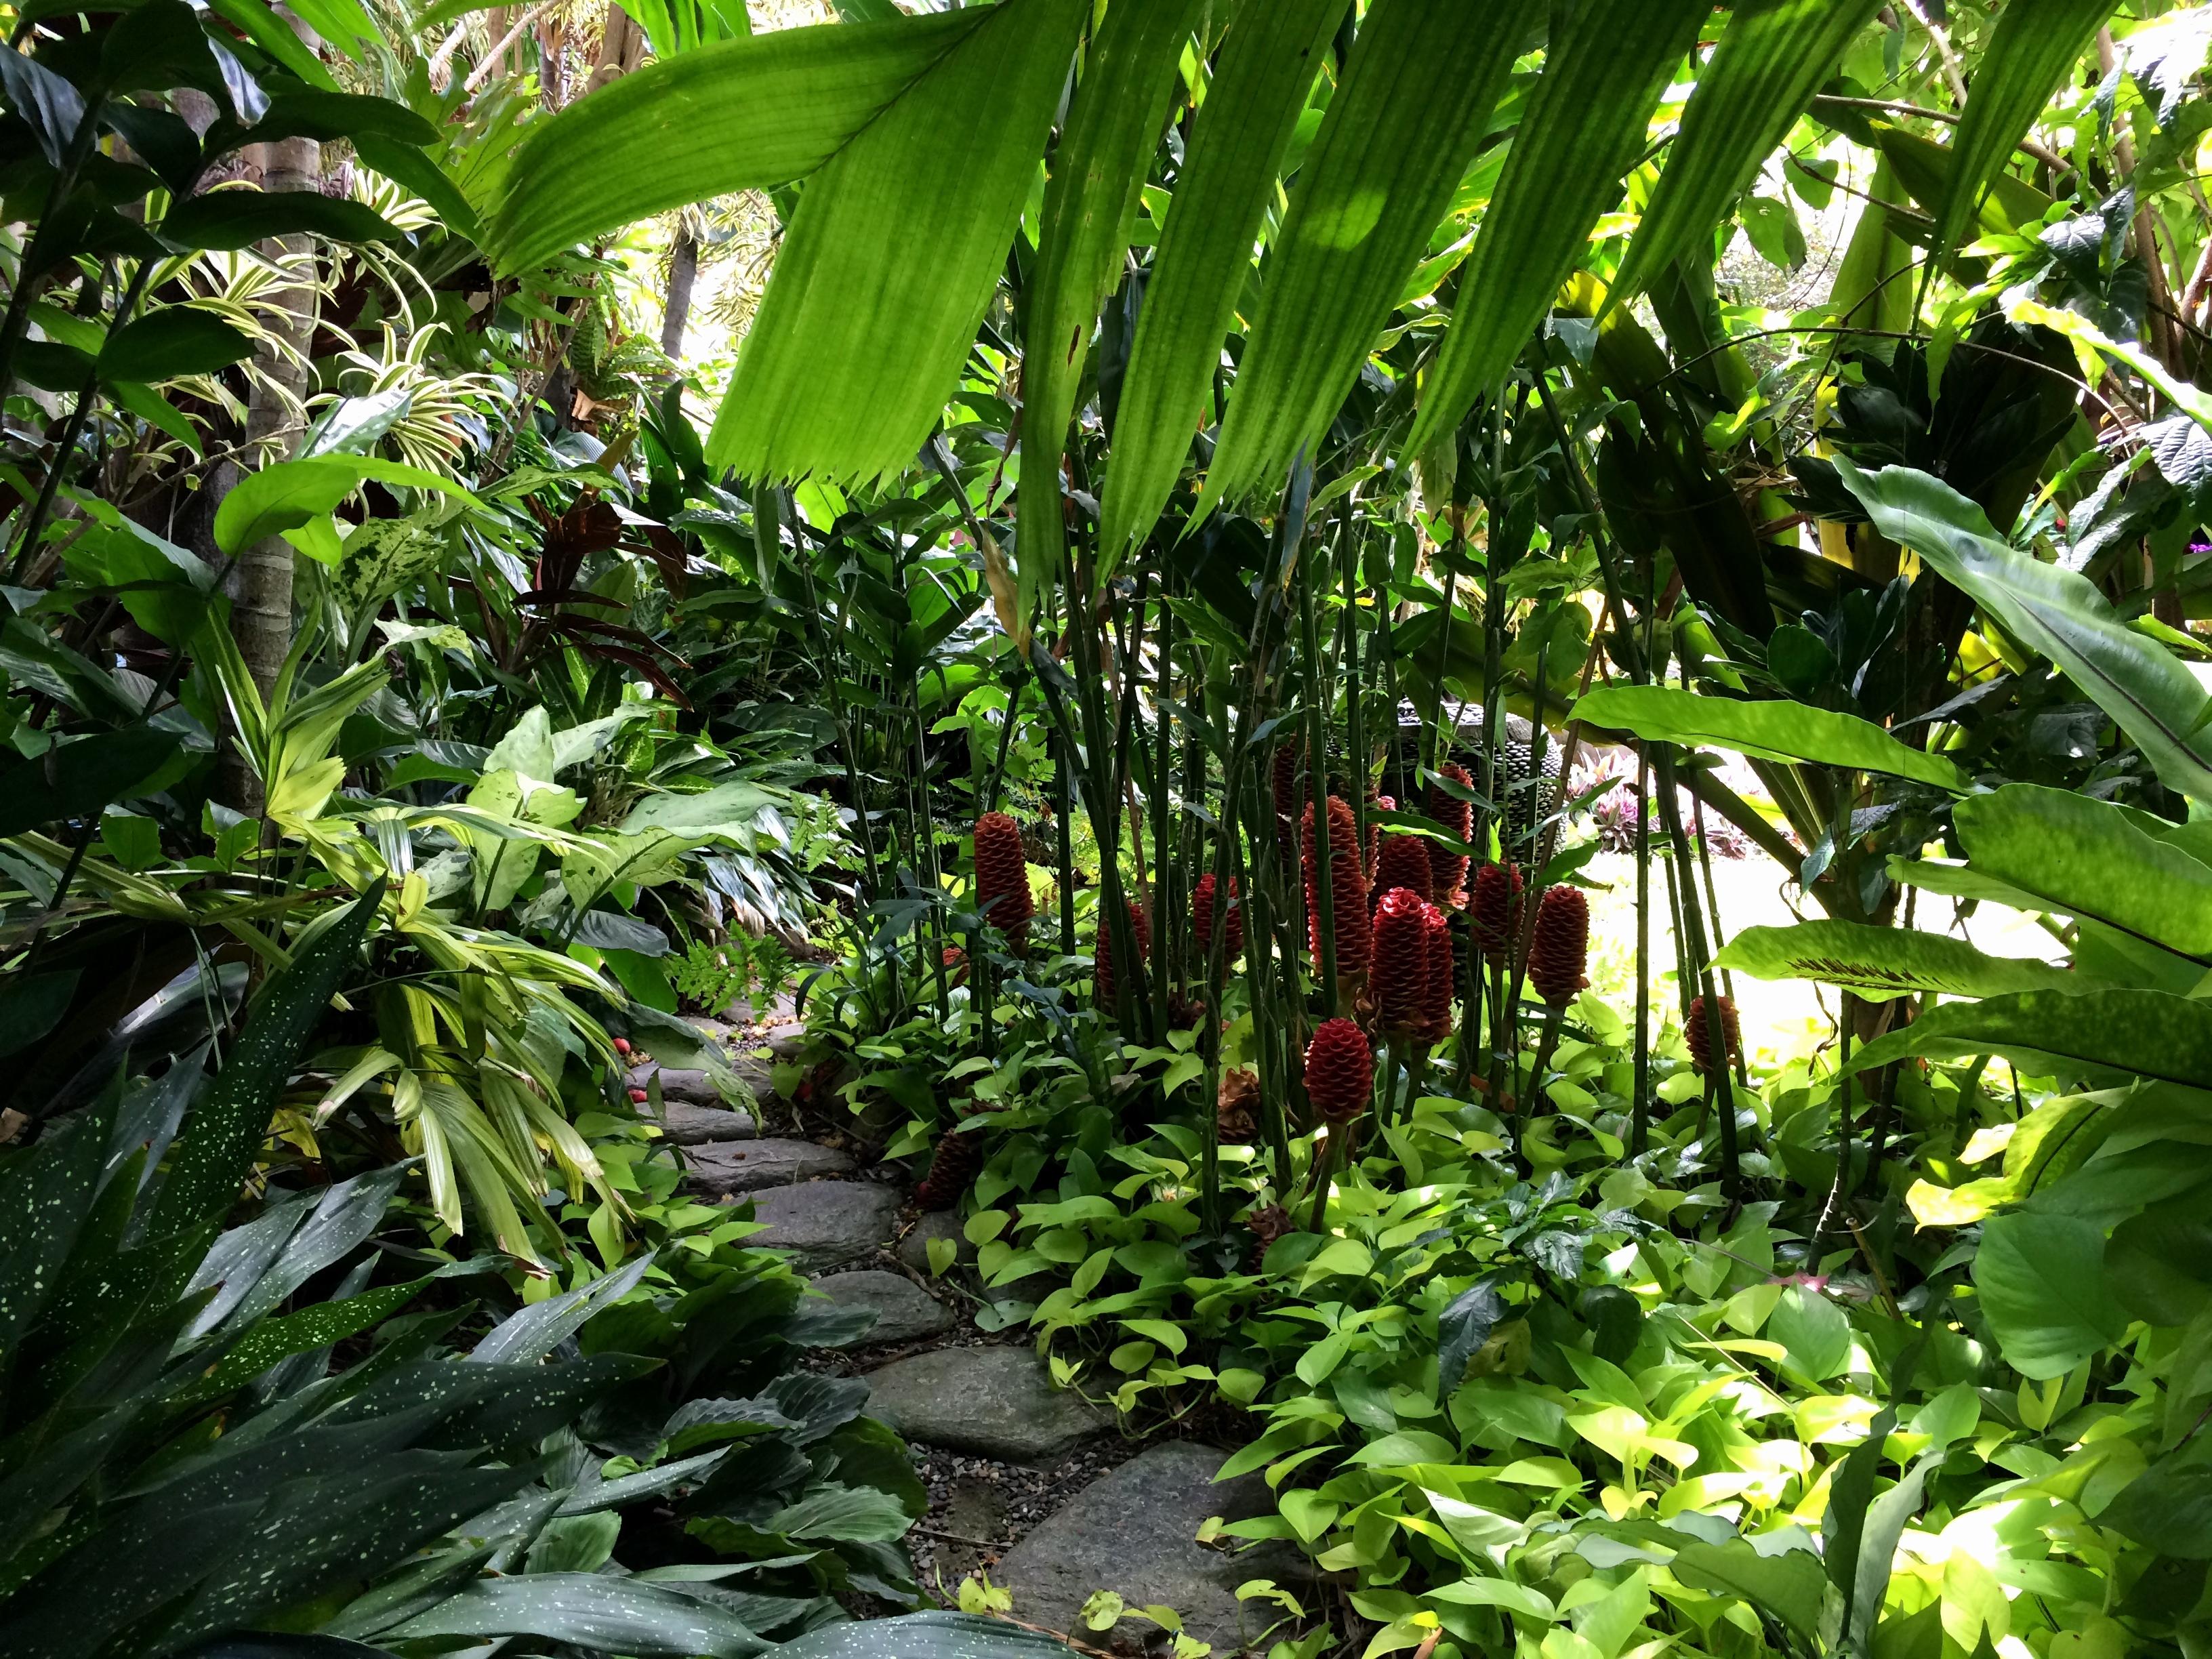 jungle garden design ideas photo - 7